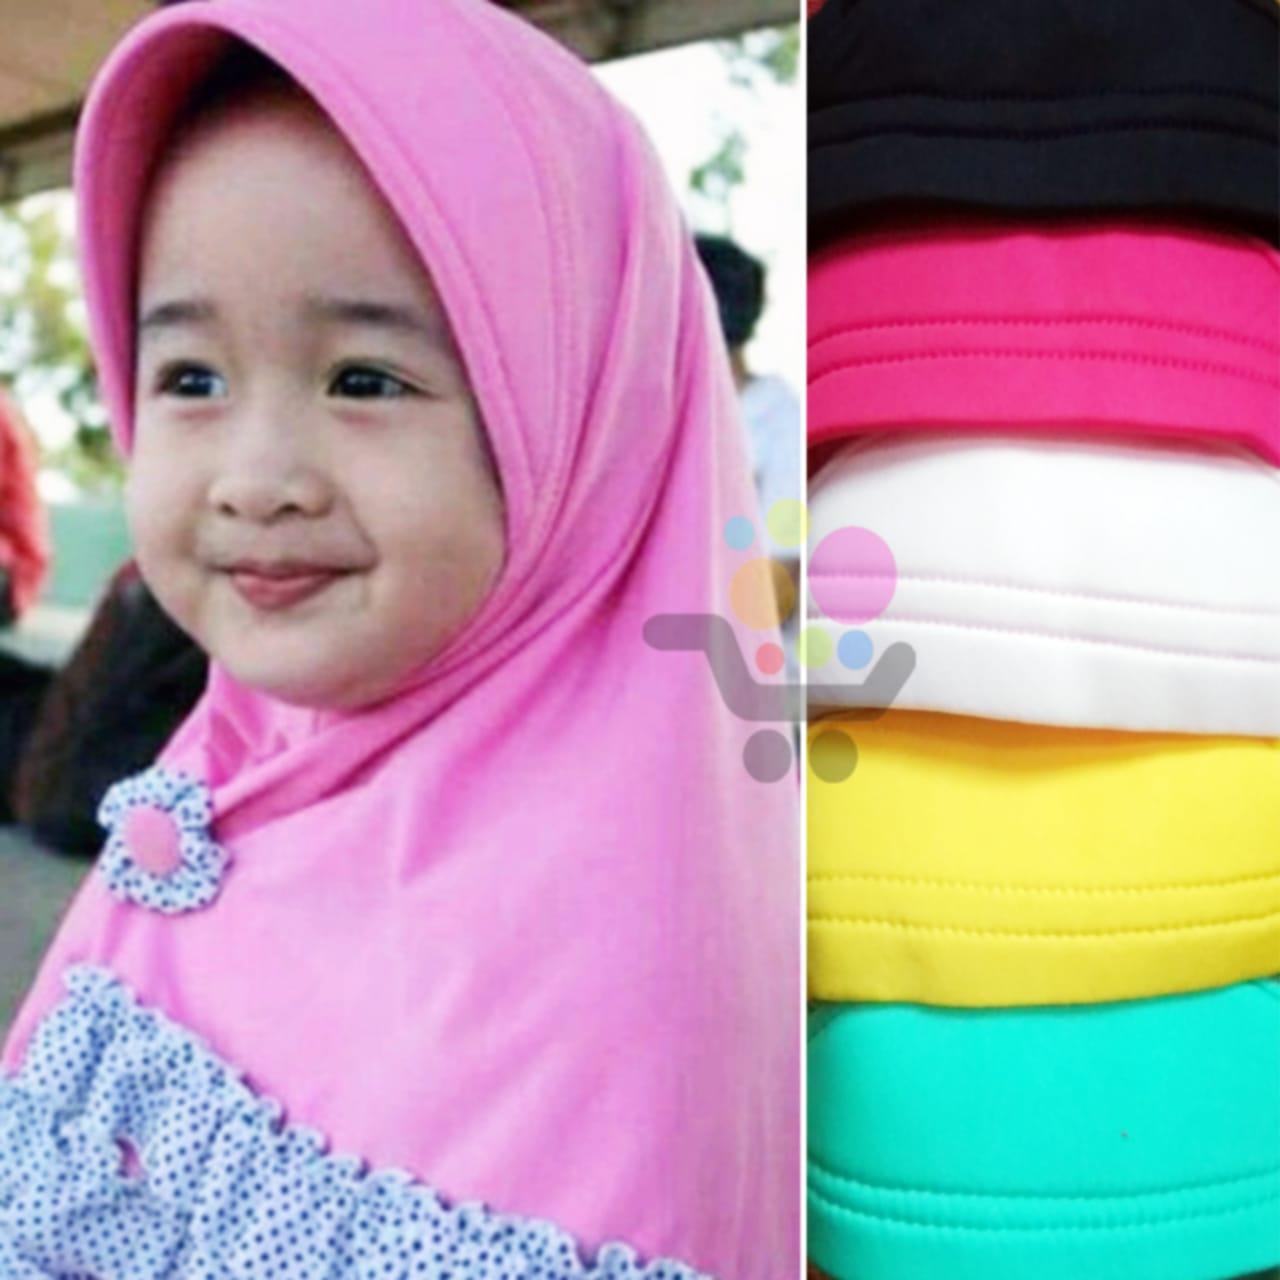 Fitur Kerudung Anak Bayi Merisa Jilbab Anak Bayi Jilbab Bayi Hijab